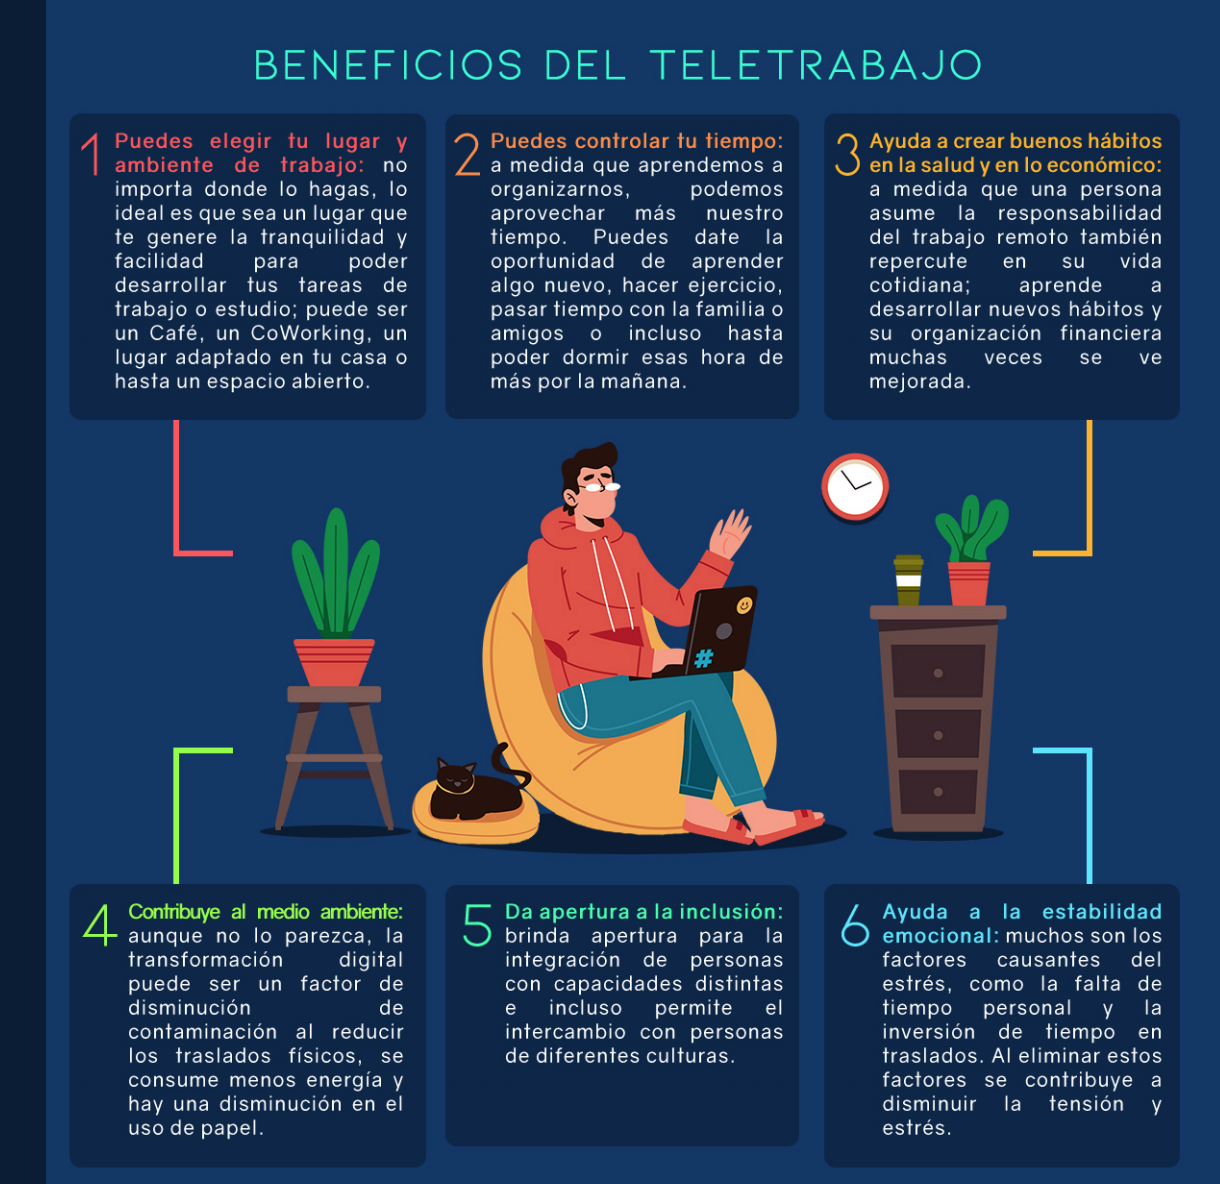 Beneficios-teletrabajo